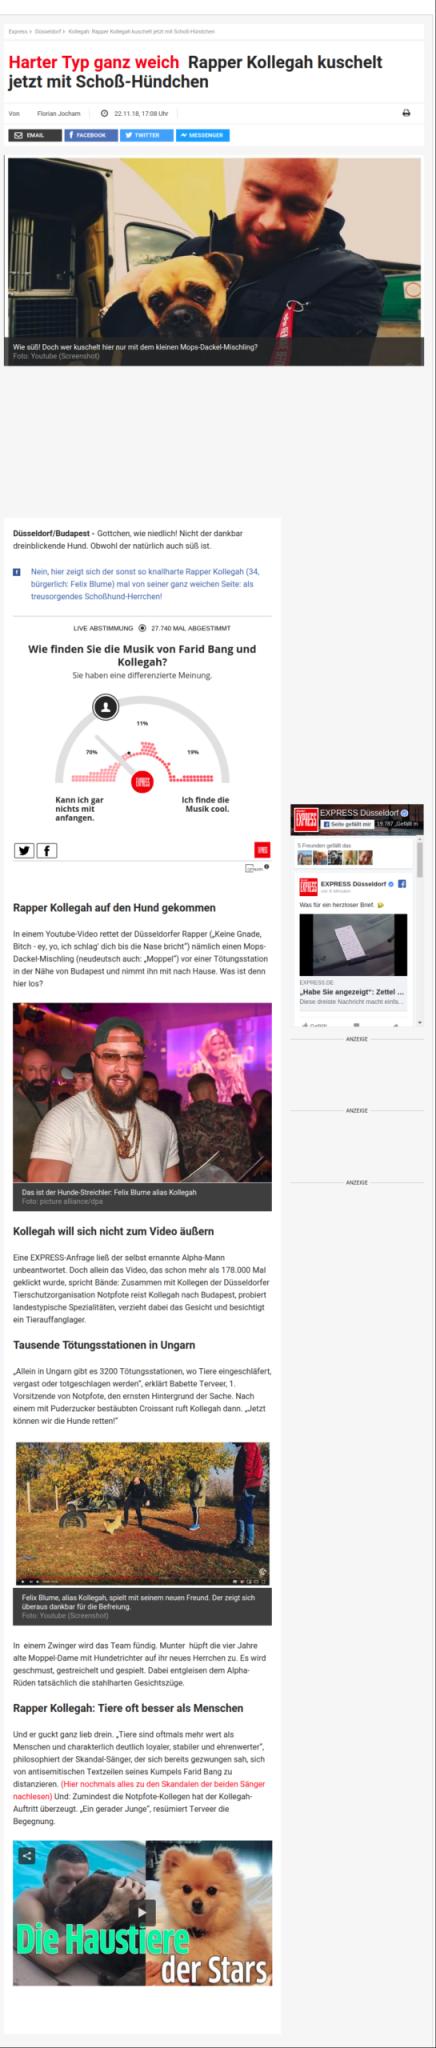 Rapper Kollegah kuschelt jetzt mit Schoß-Hündchen